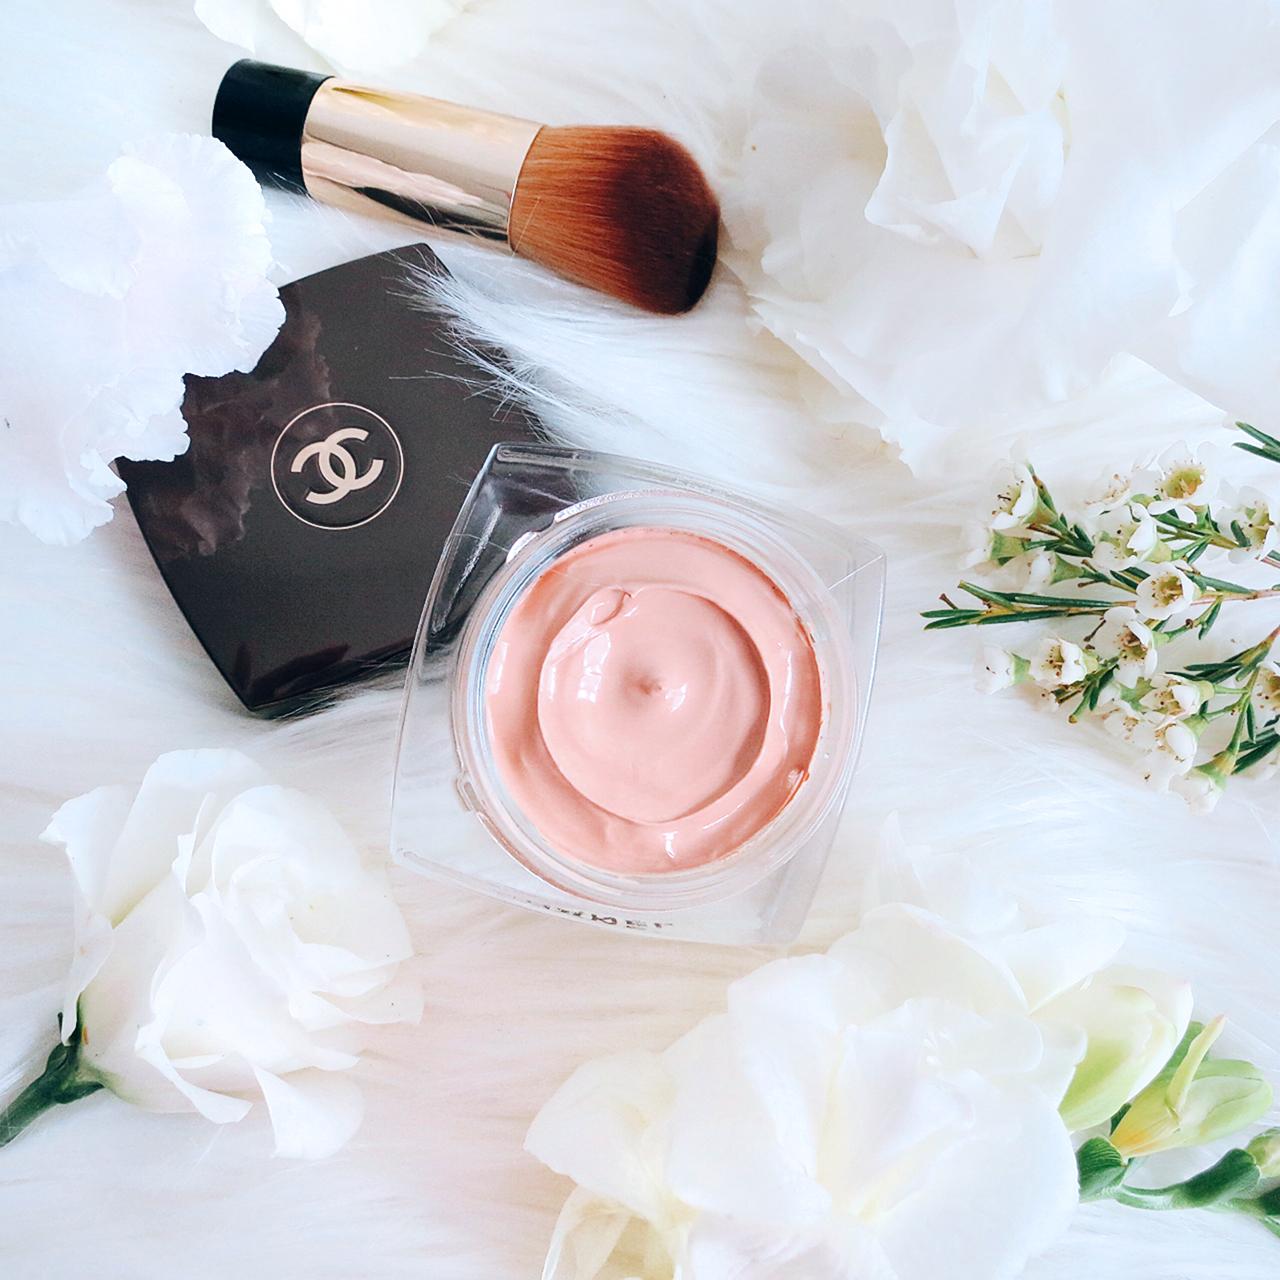 Chanel Sublimage Le Teint foundation